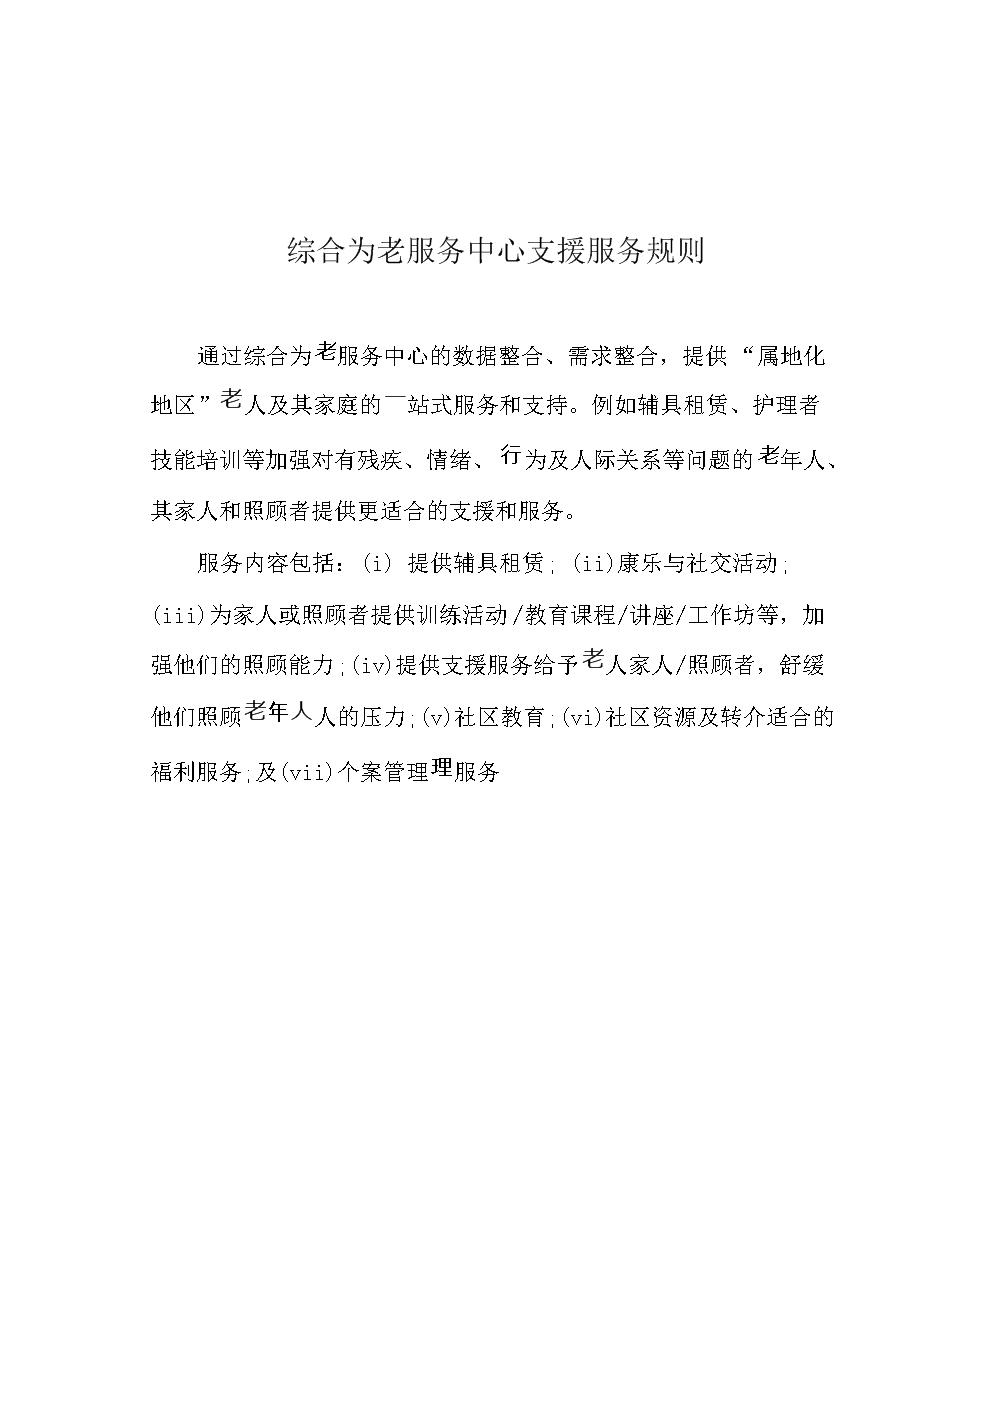 1.4综合为老服务中心支援服务规则.docx